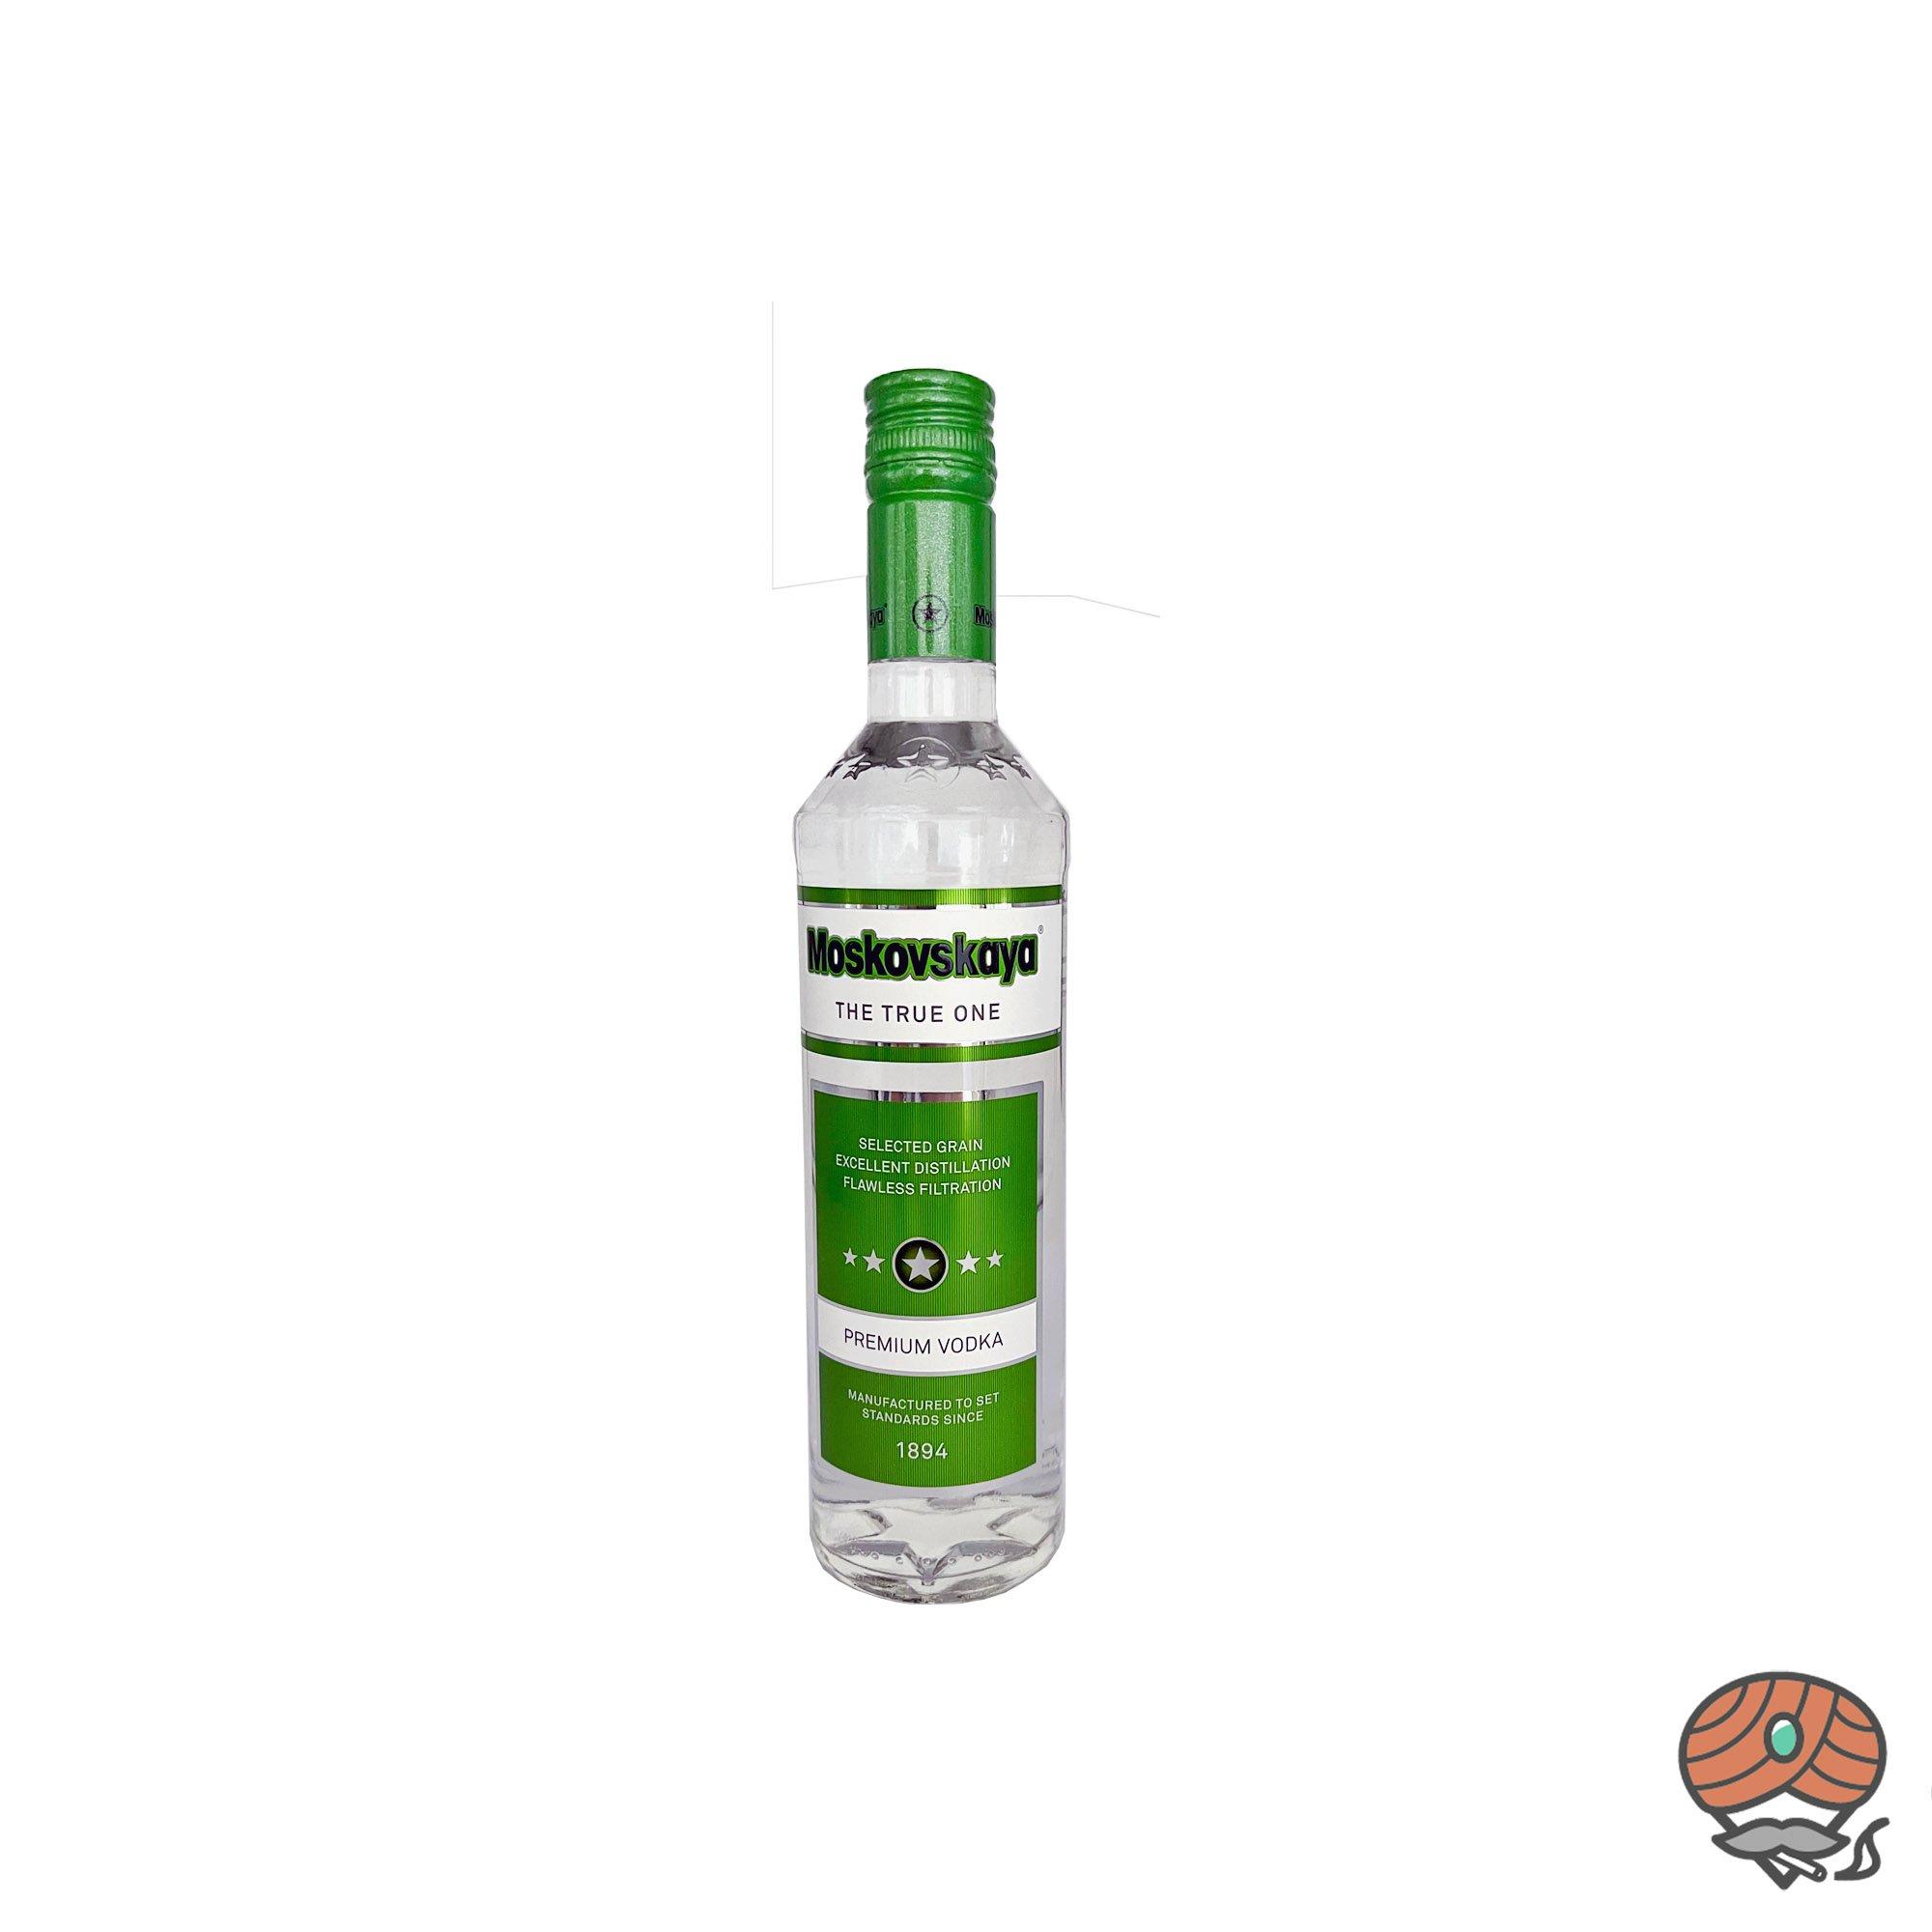 Moskovskaya Vodka - Wodka 0,5 l, alc. 38 Vol.-%